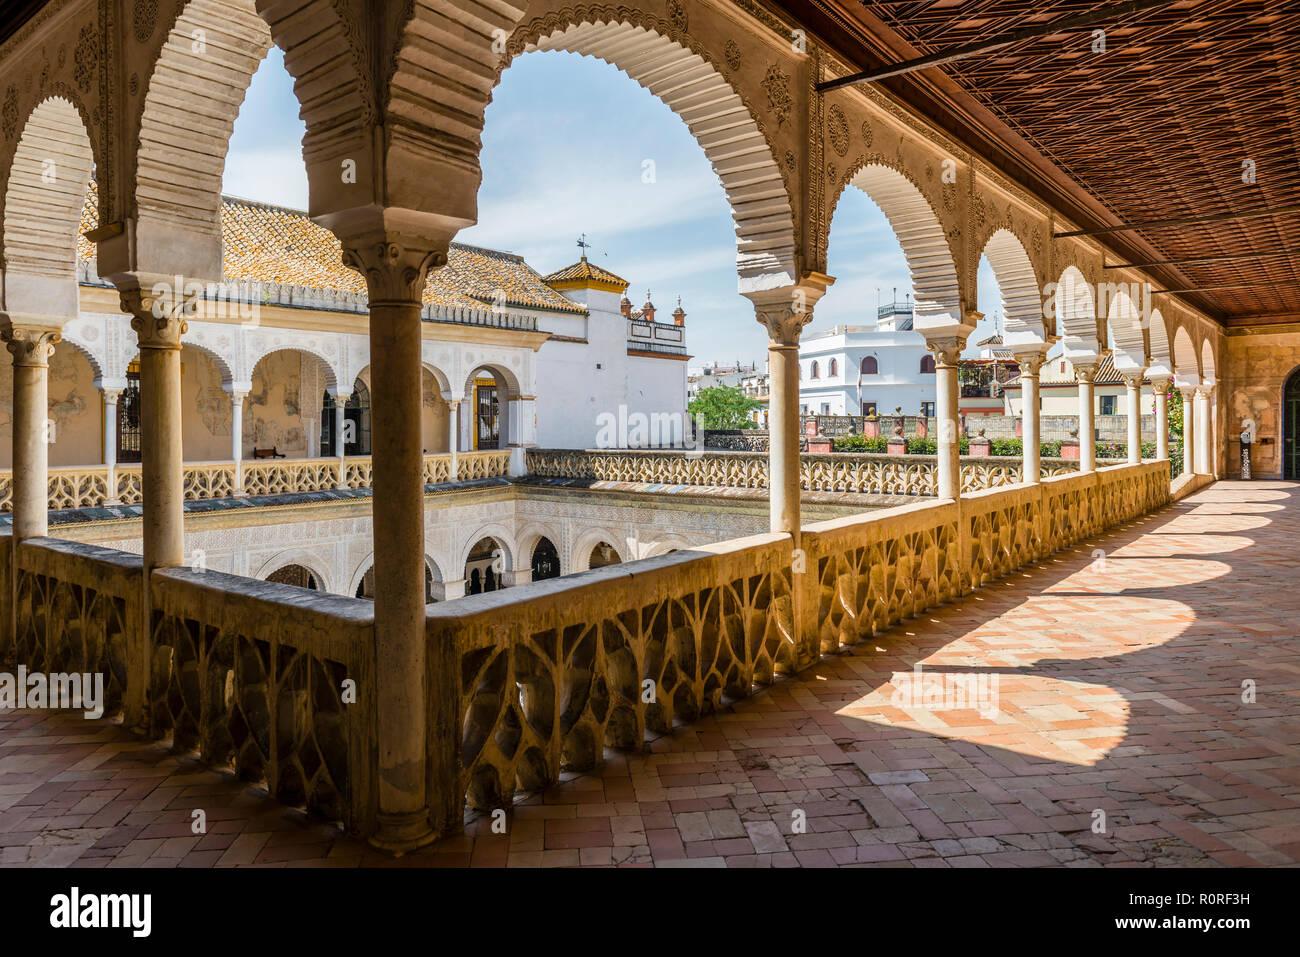 Arcade, Palazzo di Città, nobiltà andaluso Palace, Casa de Pilatos, Sevilla, Andalusia, Spagna Immagini Stock